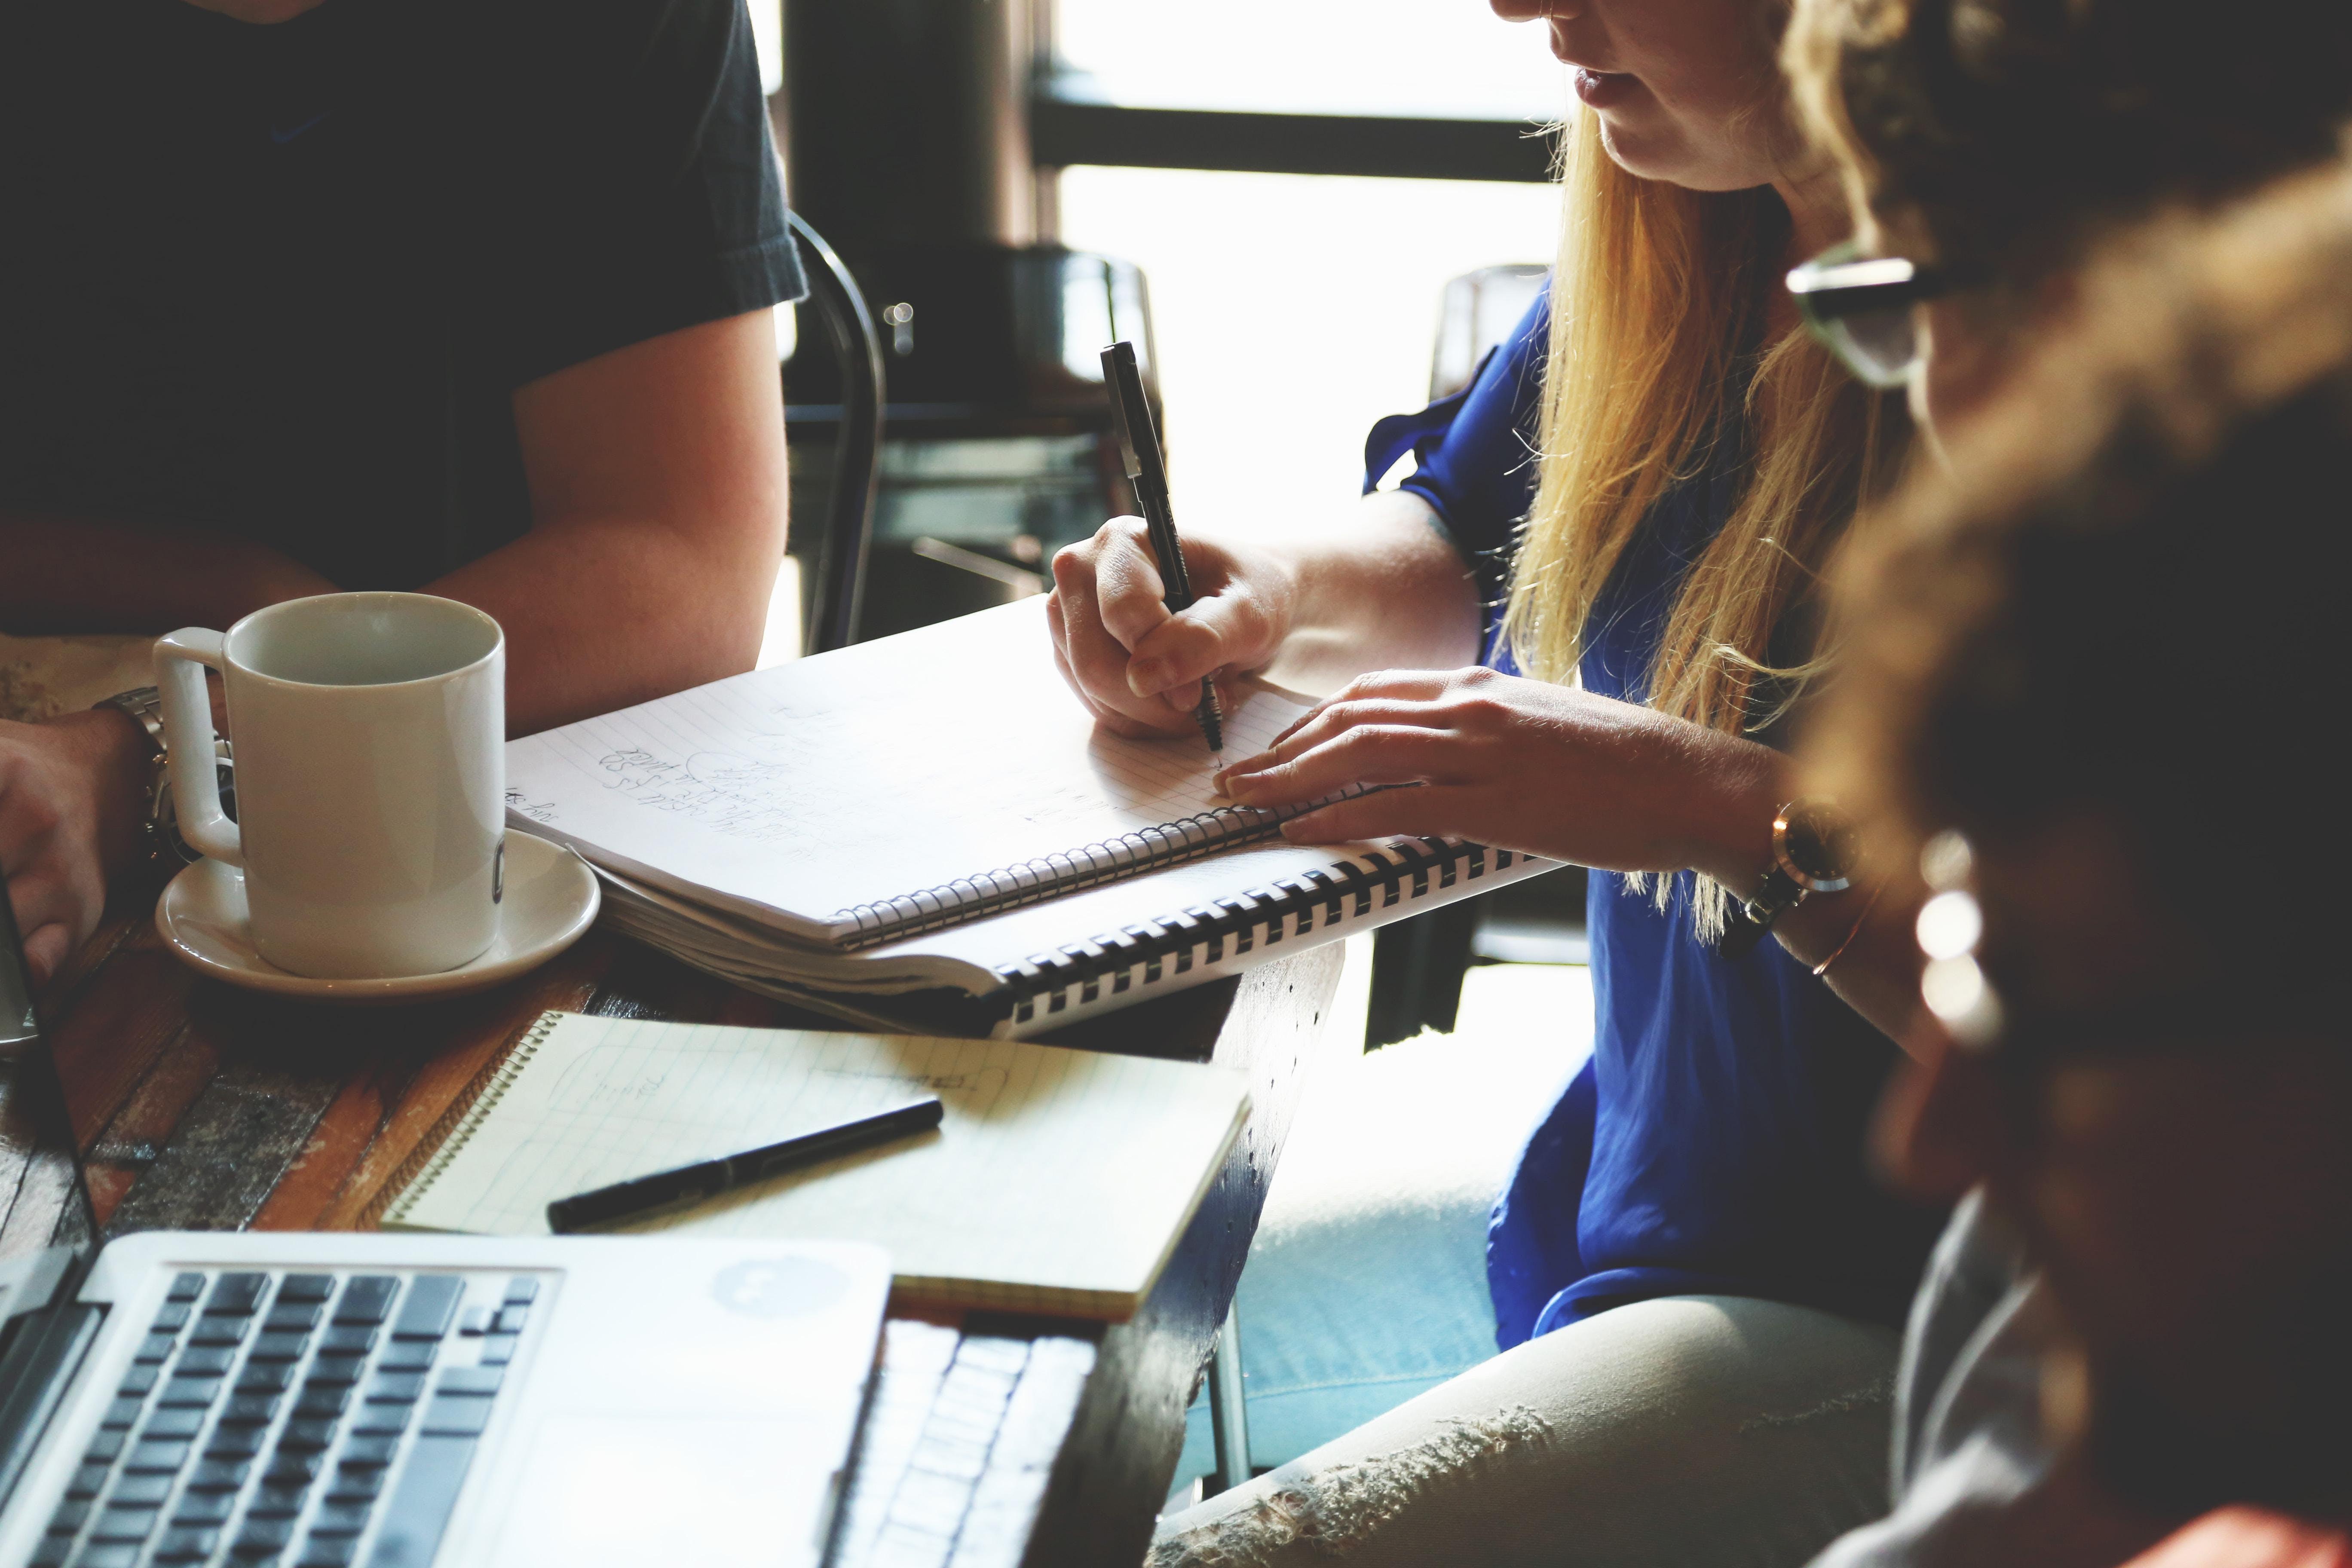 PROJEKTMANAGEMENT: Agiles Projektmanagement (